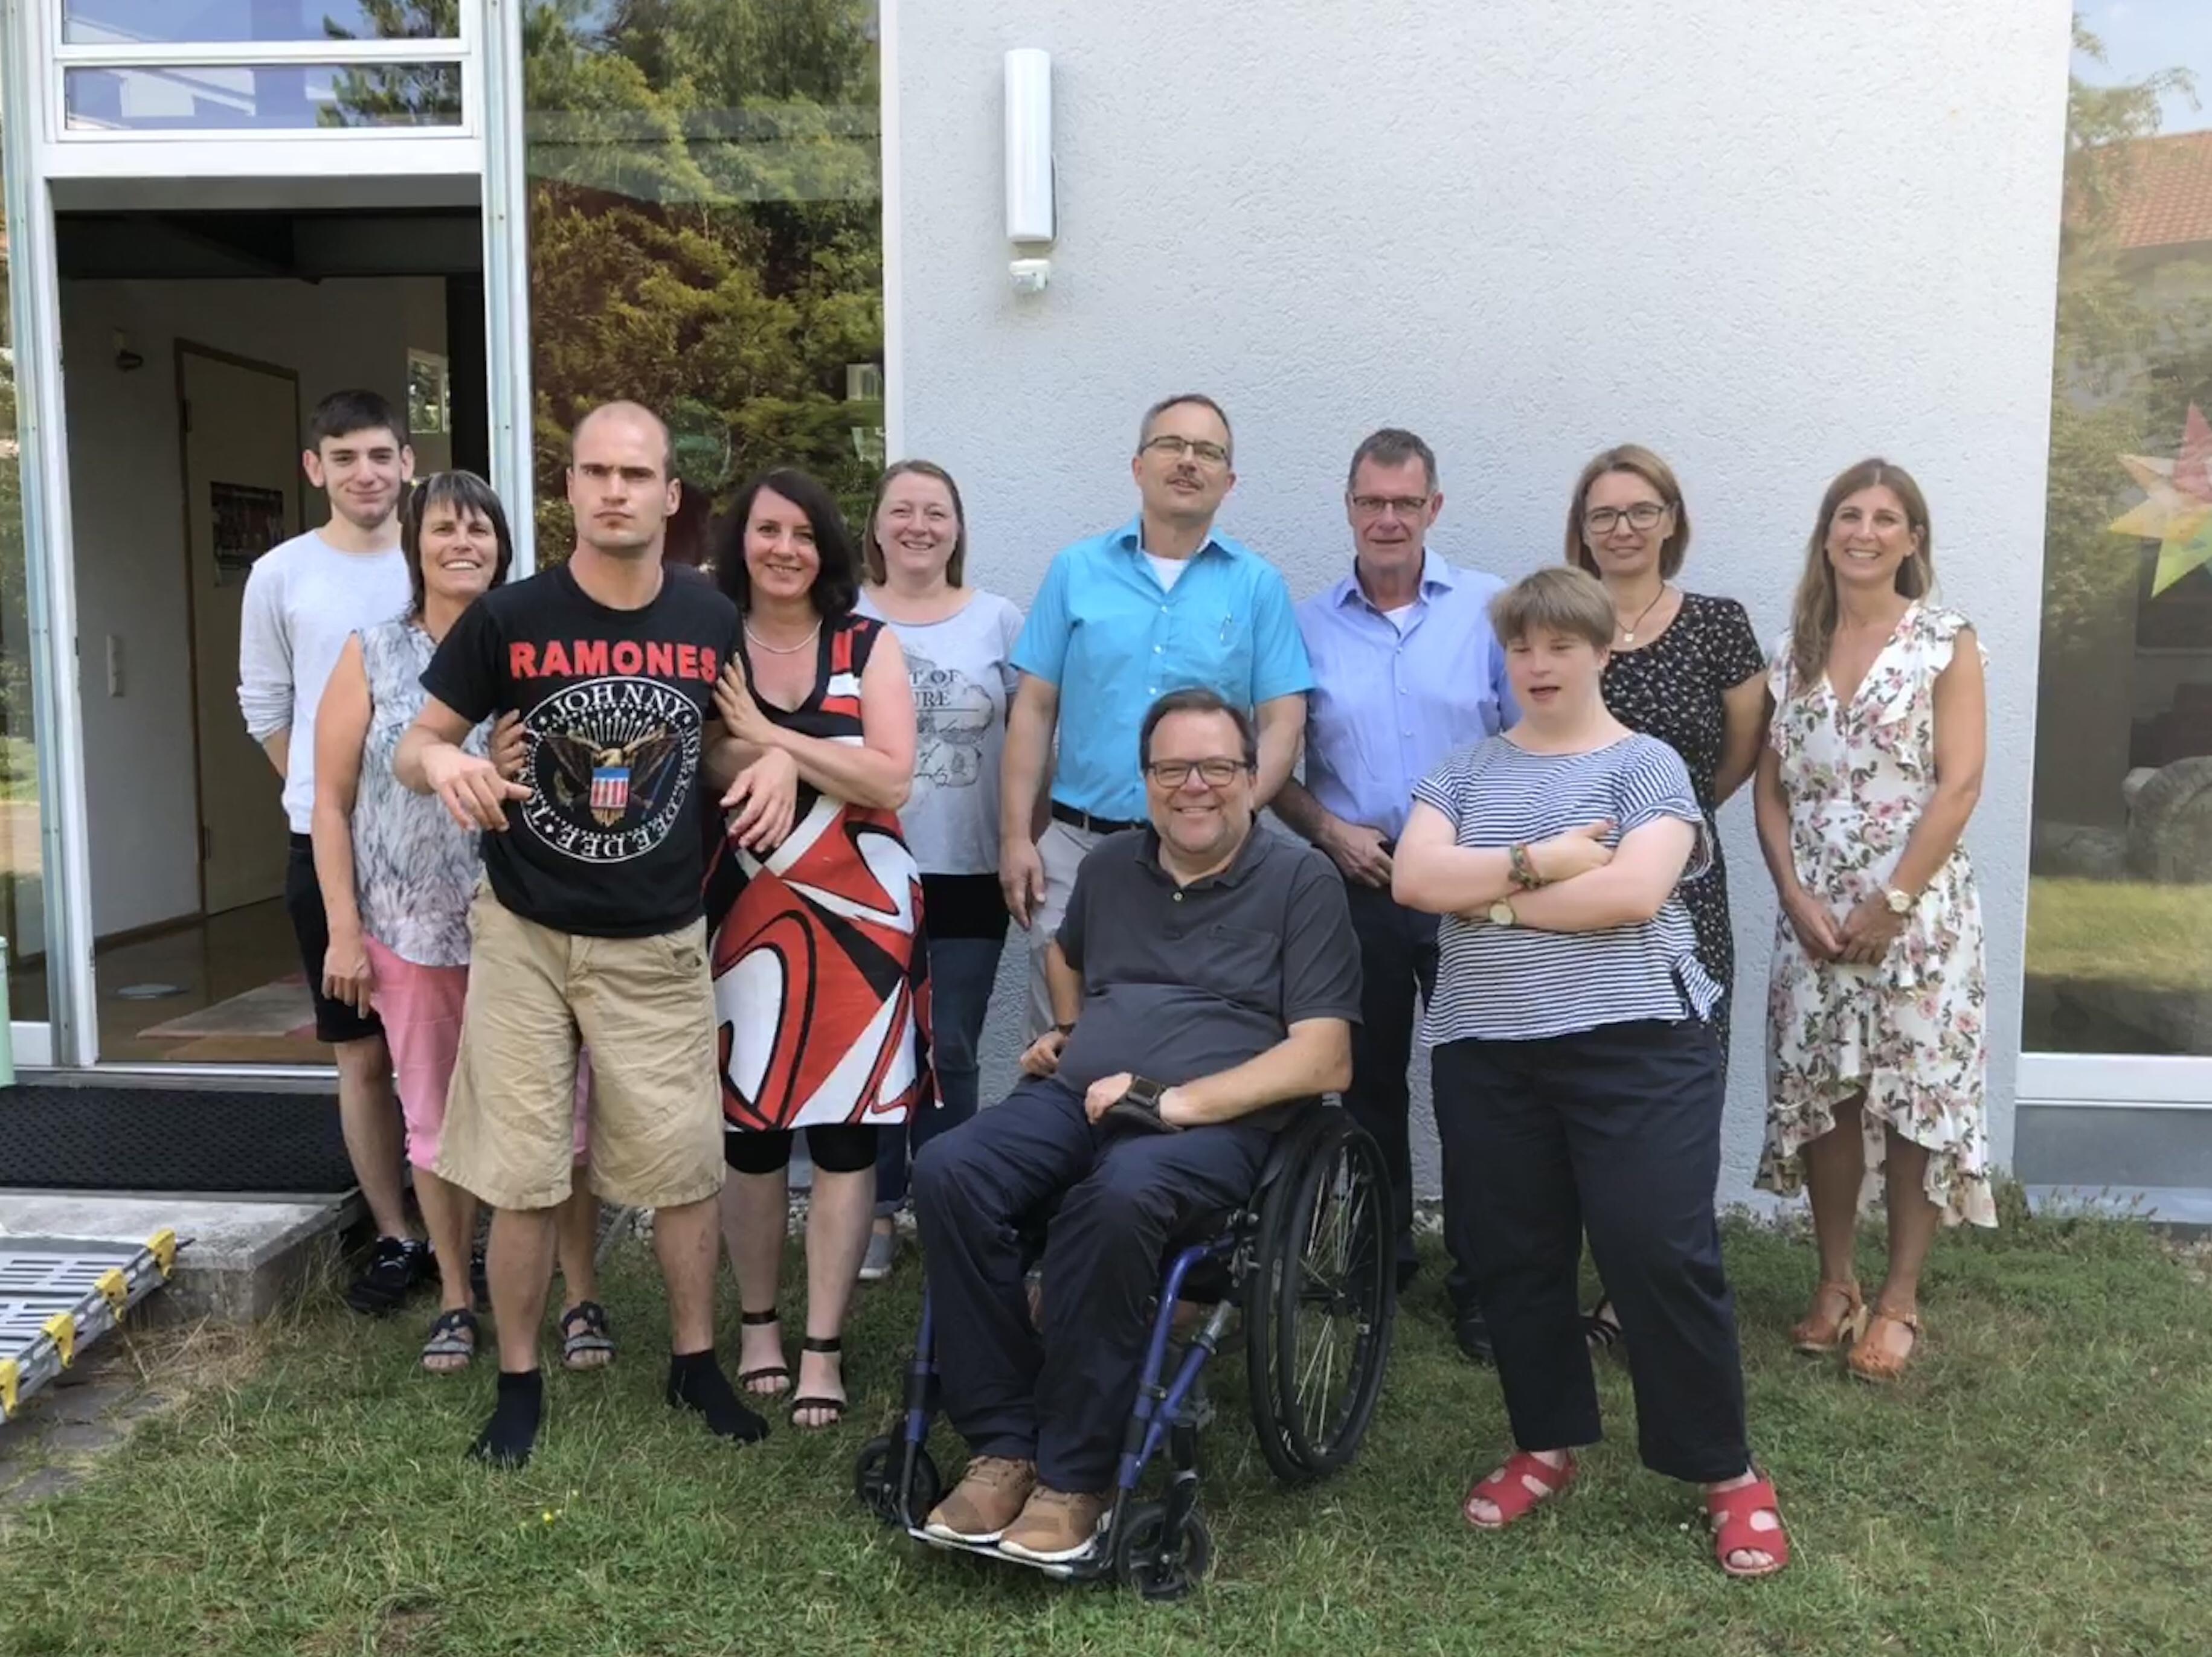 Gruppenbild vor dem Haus der Wohngemeinschaft in Kaiserslautern